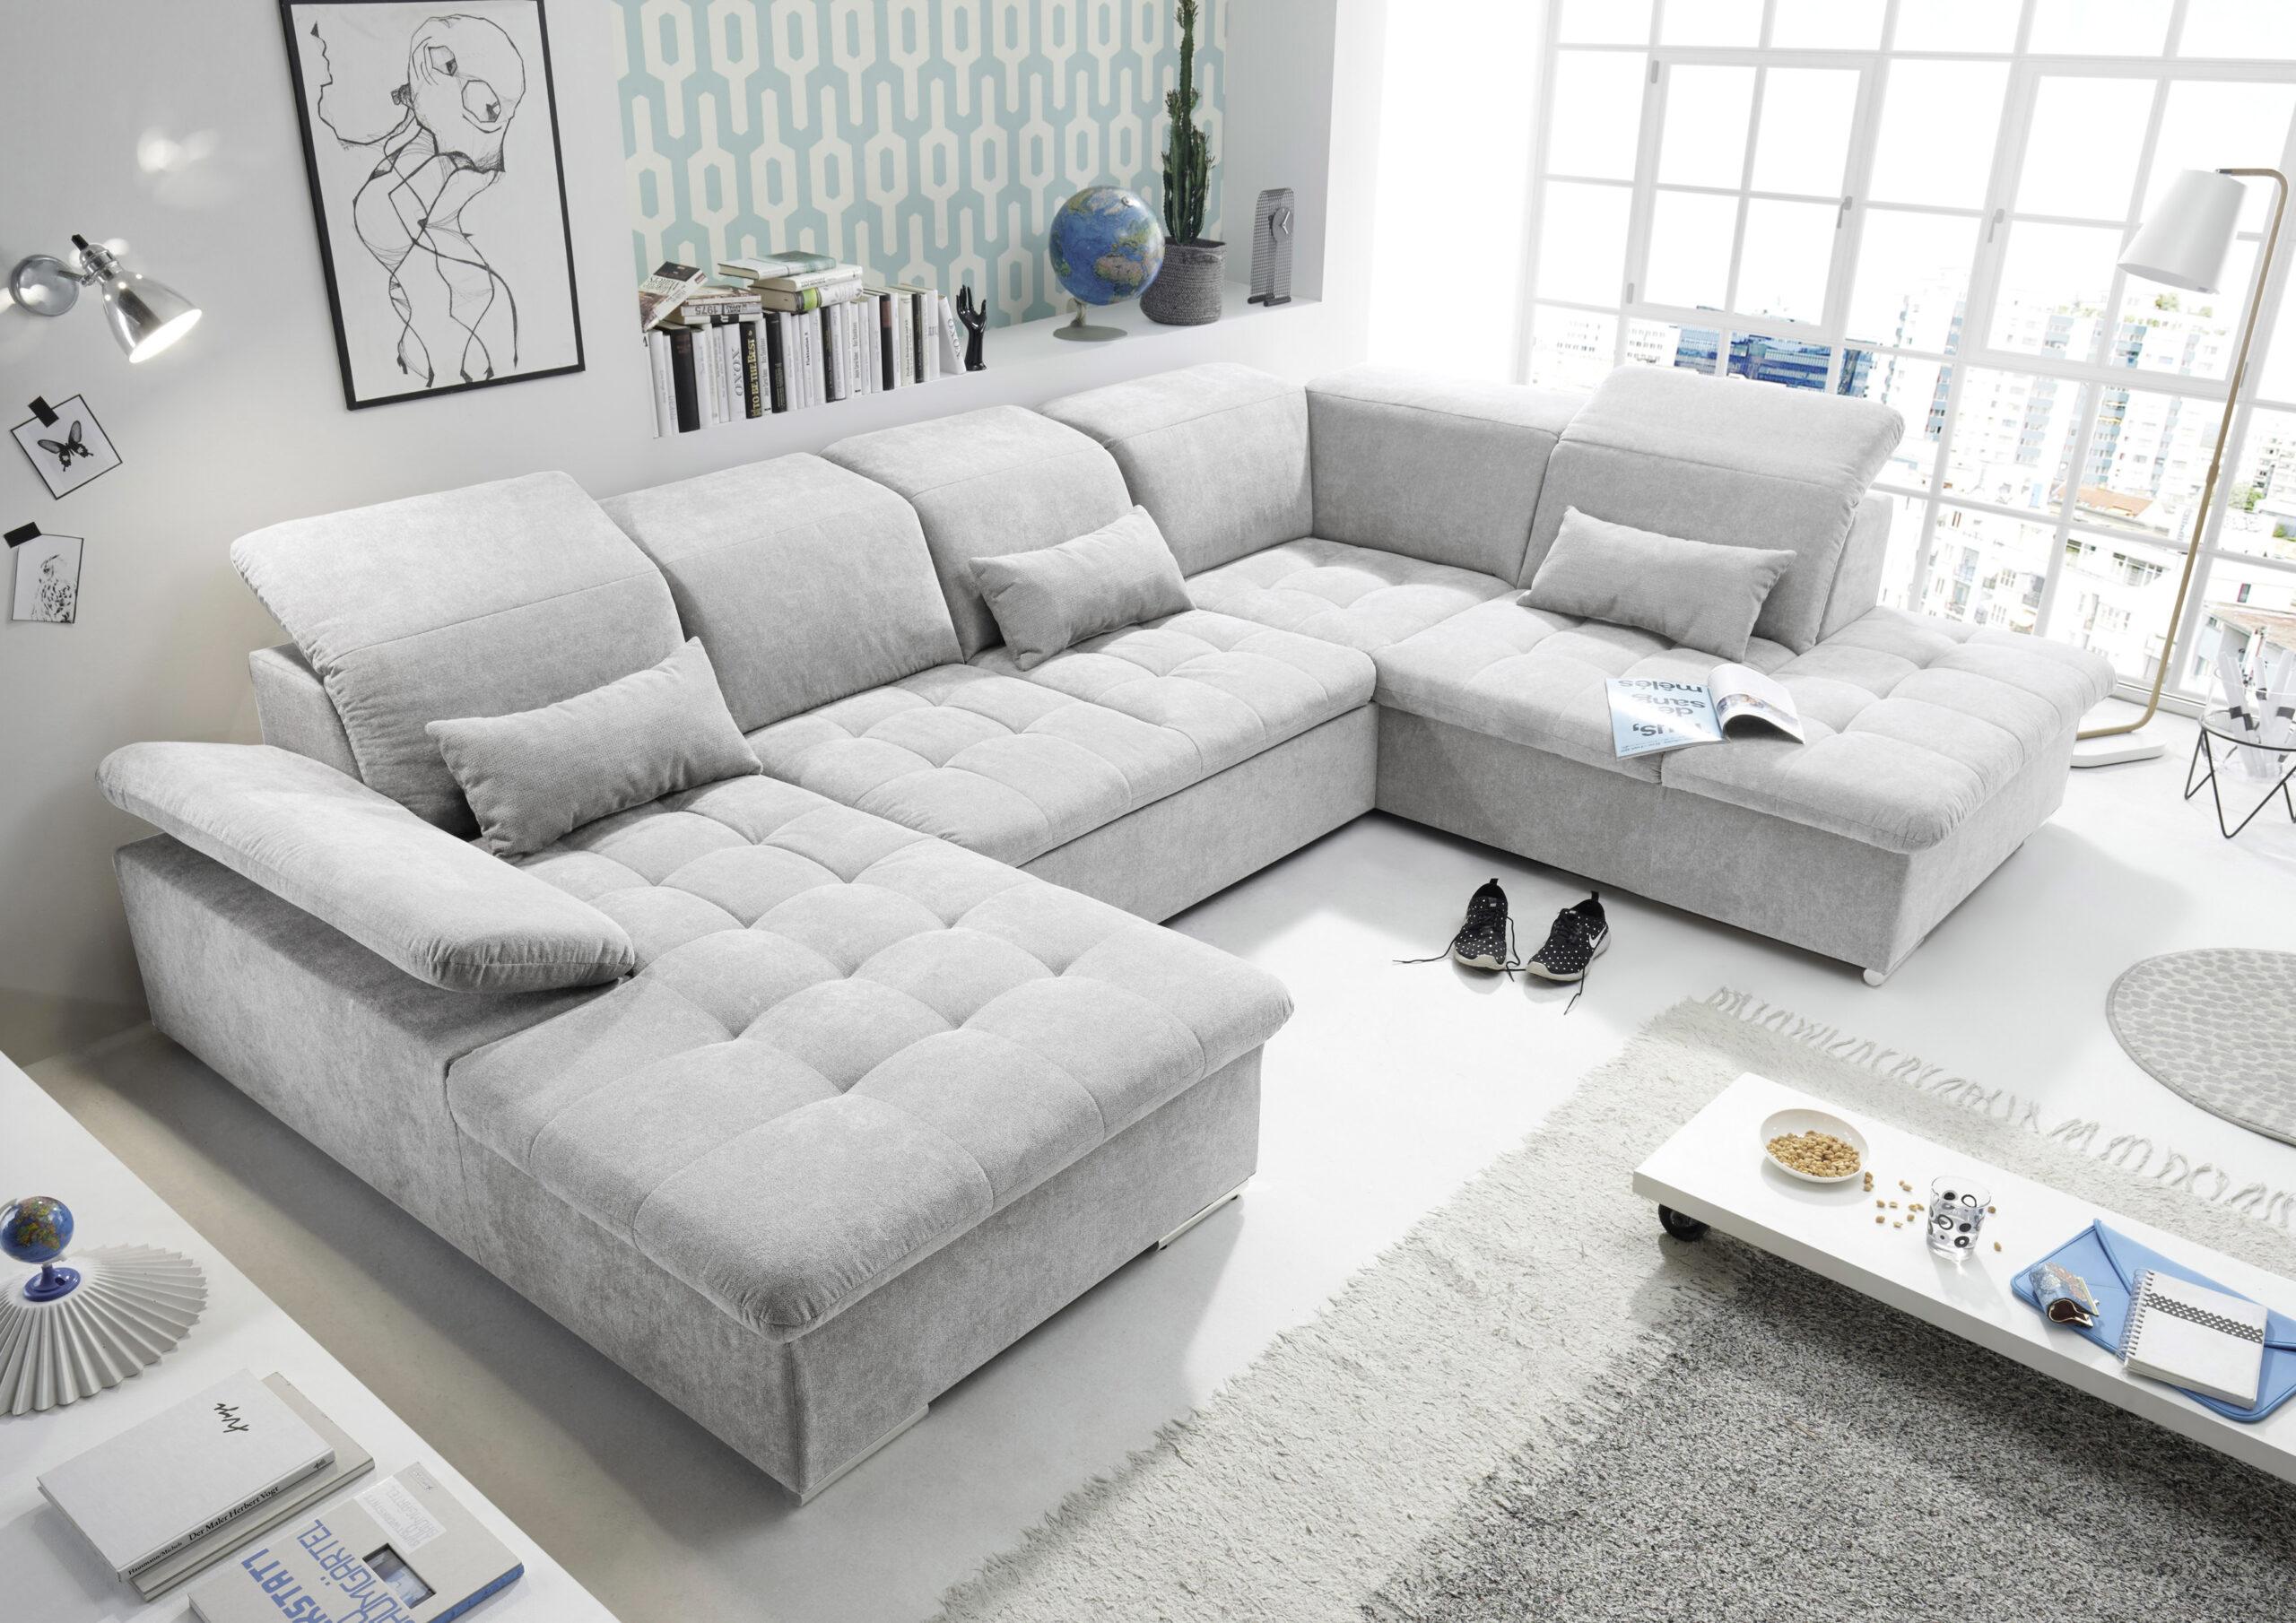 Full Size of Couch Wayne R Sofa Schlafcouch Wohnlandschaft Schlaffunktion Ebay Breit Abnehmbarer Bezug Weiches Hersteller Mit Lagerverkauf Echtleder Ligne Roset Verkaufen Sofa Sofa Wohnlandschaft